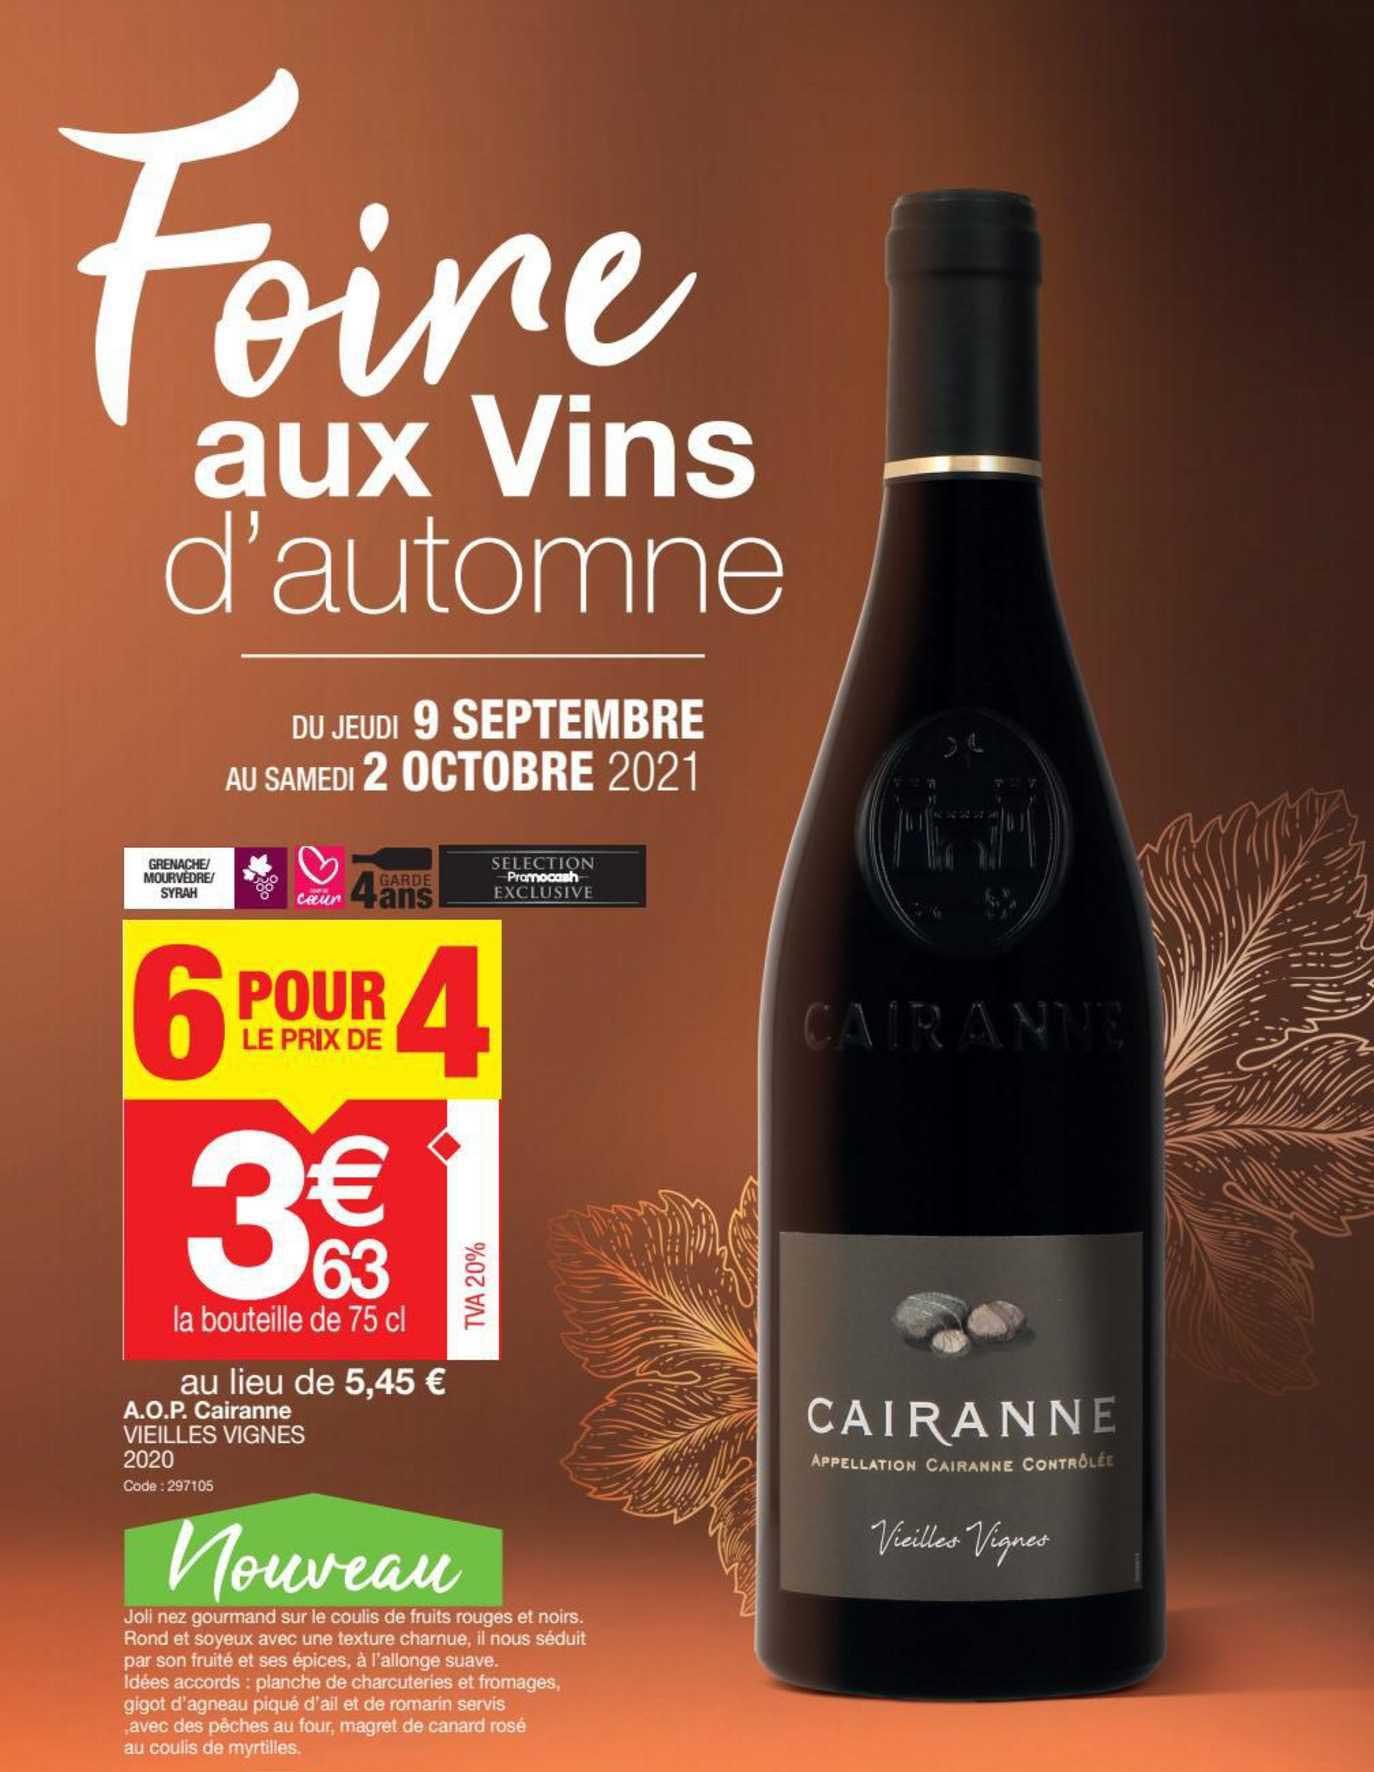 Promocash A.o.p. Cairanne Vieilles Vignes 2020